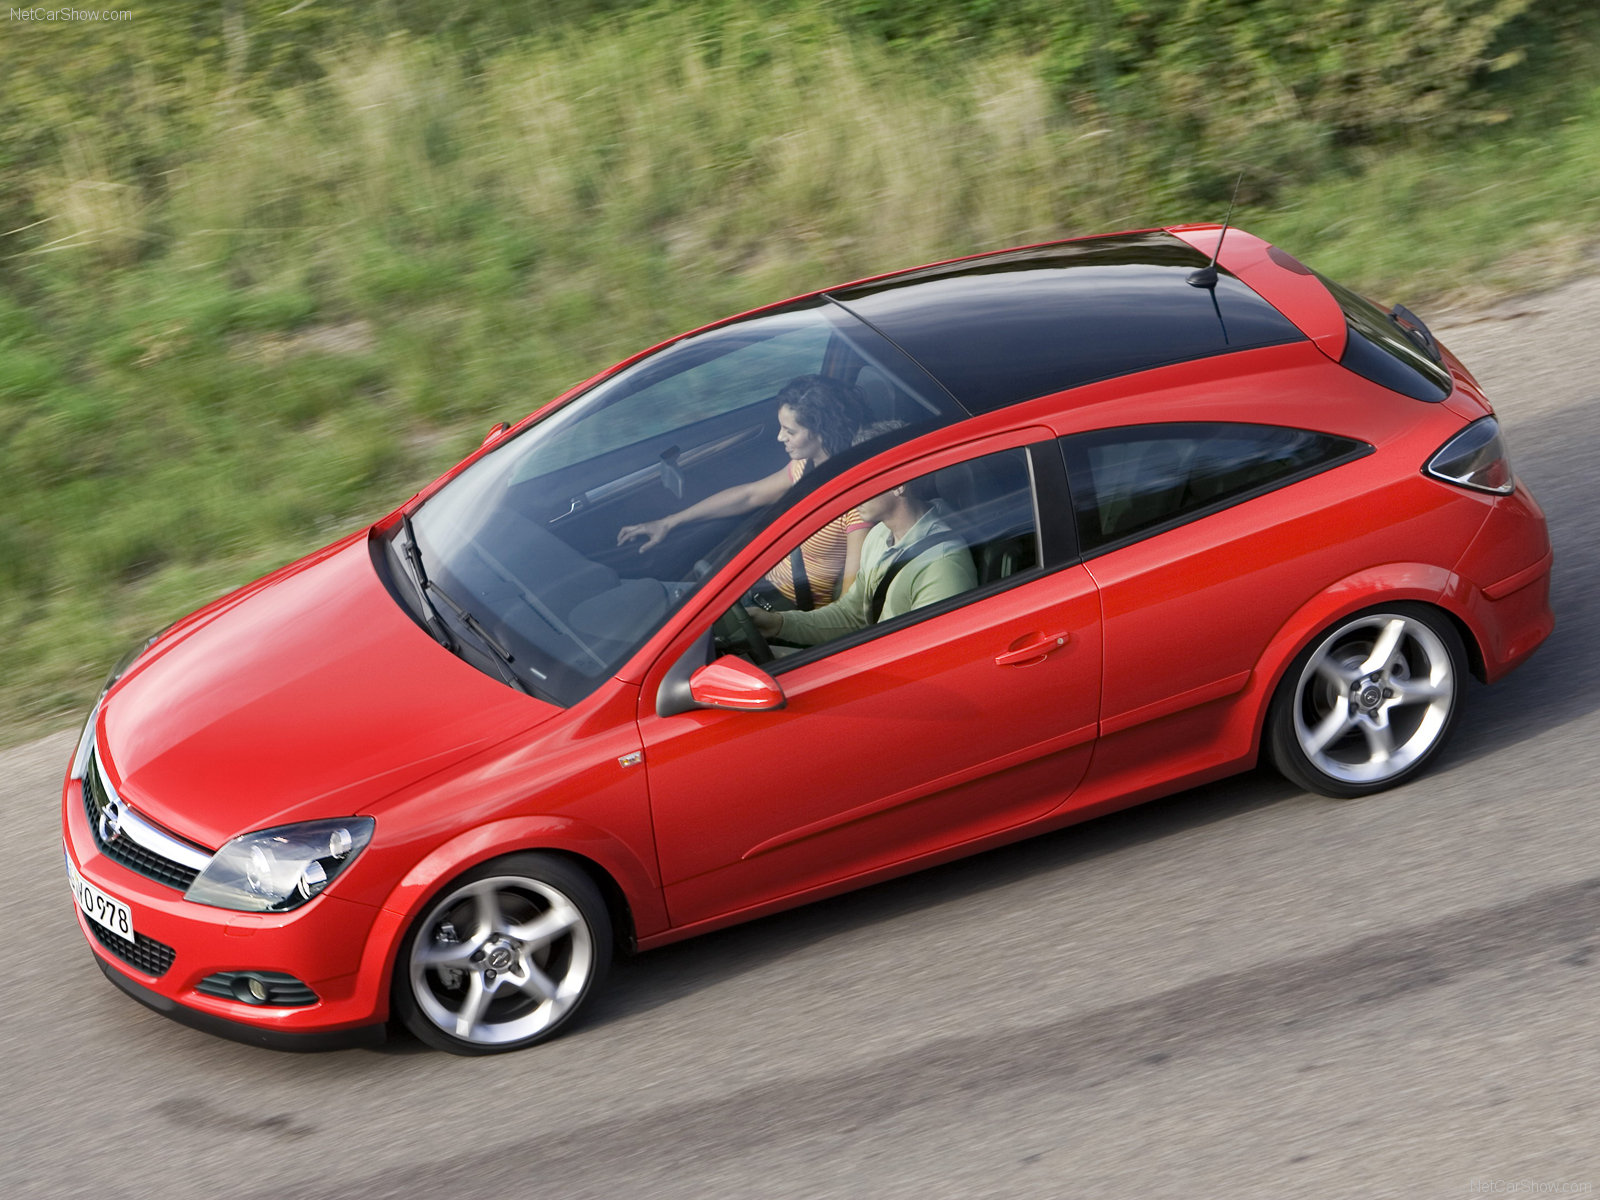 http://4.bp.blogspot.com/-R-DIbyzfQa4/TzdnlmcyzlI/AAAAAAAAAmc/h7Zl_Auexyc/s1600/Opel-Astra-GTC-wallpapers%20(2).jpg